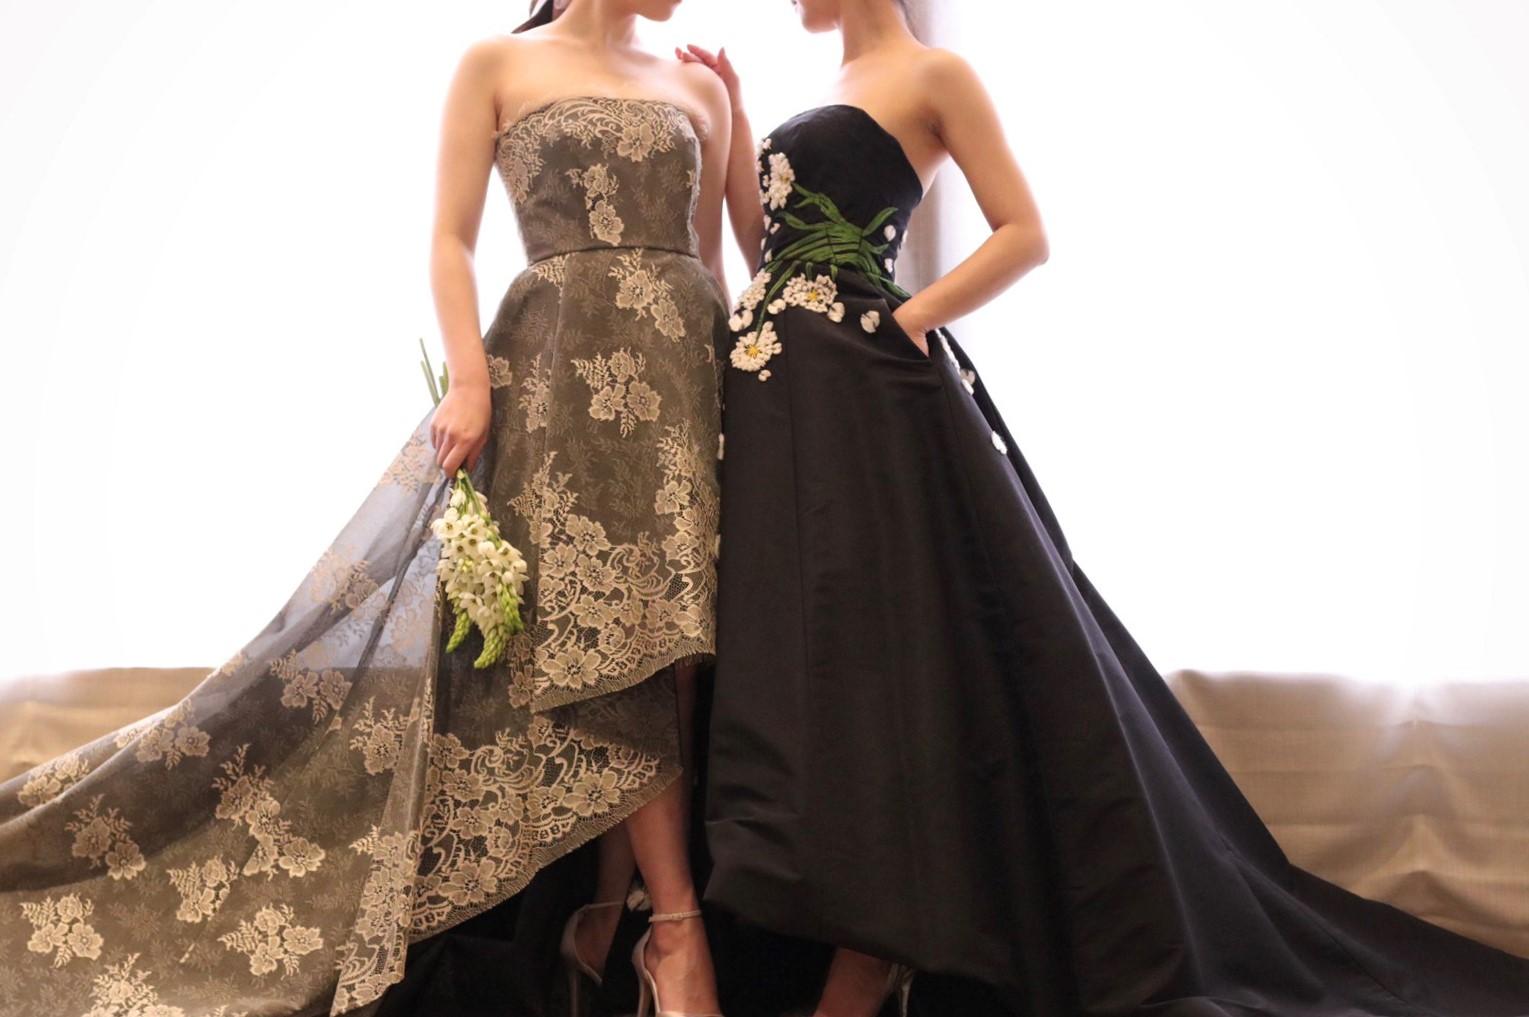 モニーク・ルイリエより届いたブラックのカラードレスは、生地の上品さと重厚感が落ち着いた大人っぽさを演出し、上質なホテルウエディングやロマンティックなナイトウエディングをイメージする花嫁様にも人気があります